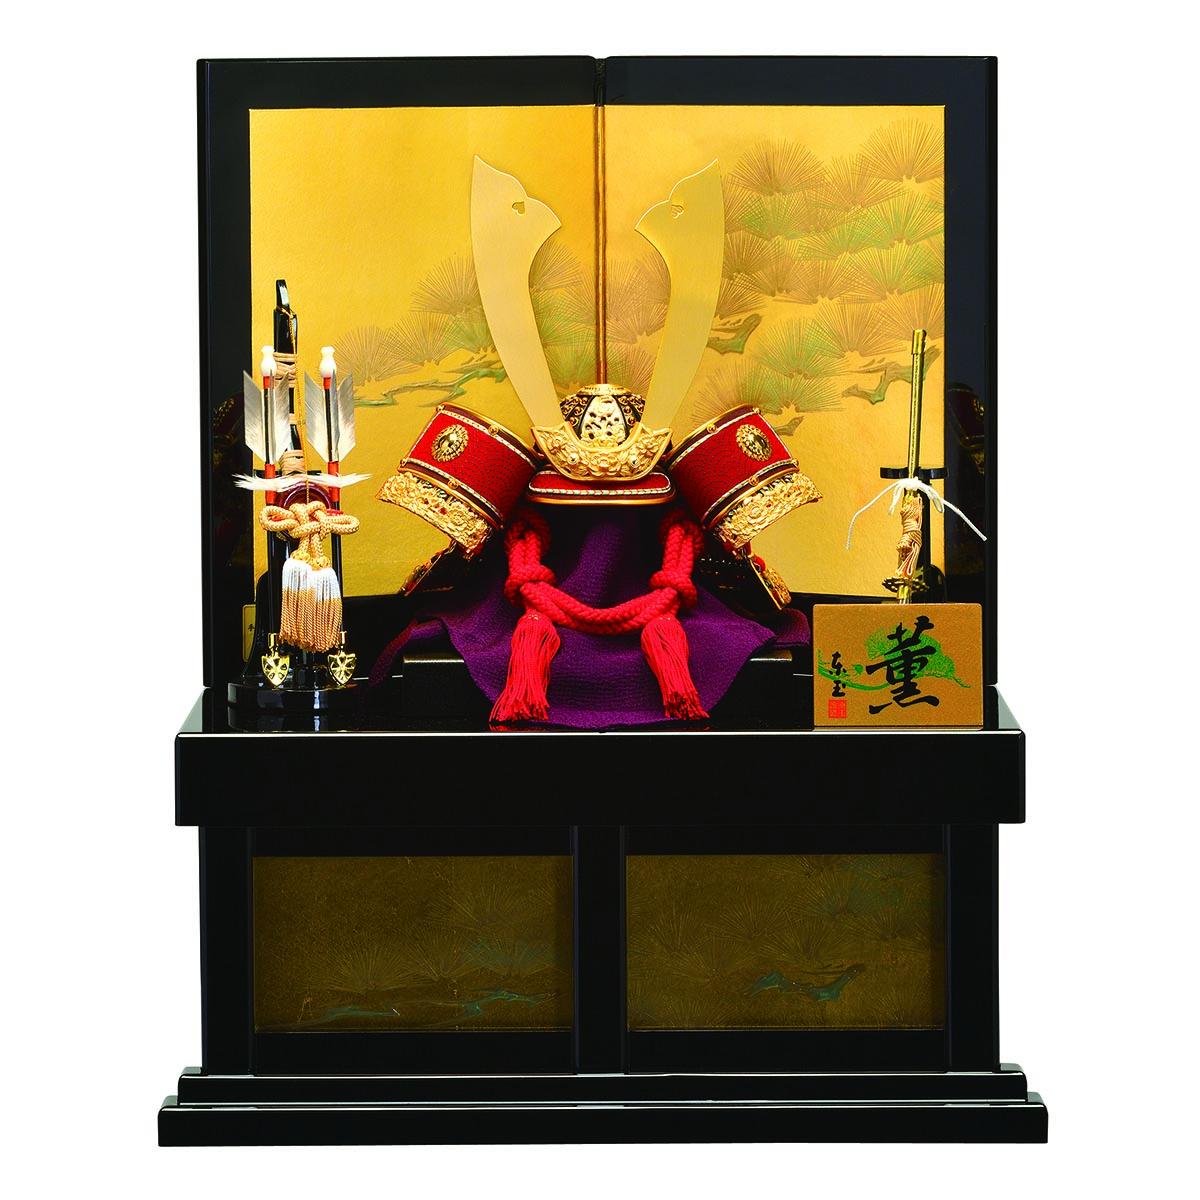 五月人形 東玉 兜収納飾り 明悠(めいゆう) ≪GOTG-52909≫コンパクト おしゃれ 兜収納飾り 兜 収納飾り 五月人形 [P10]